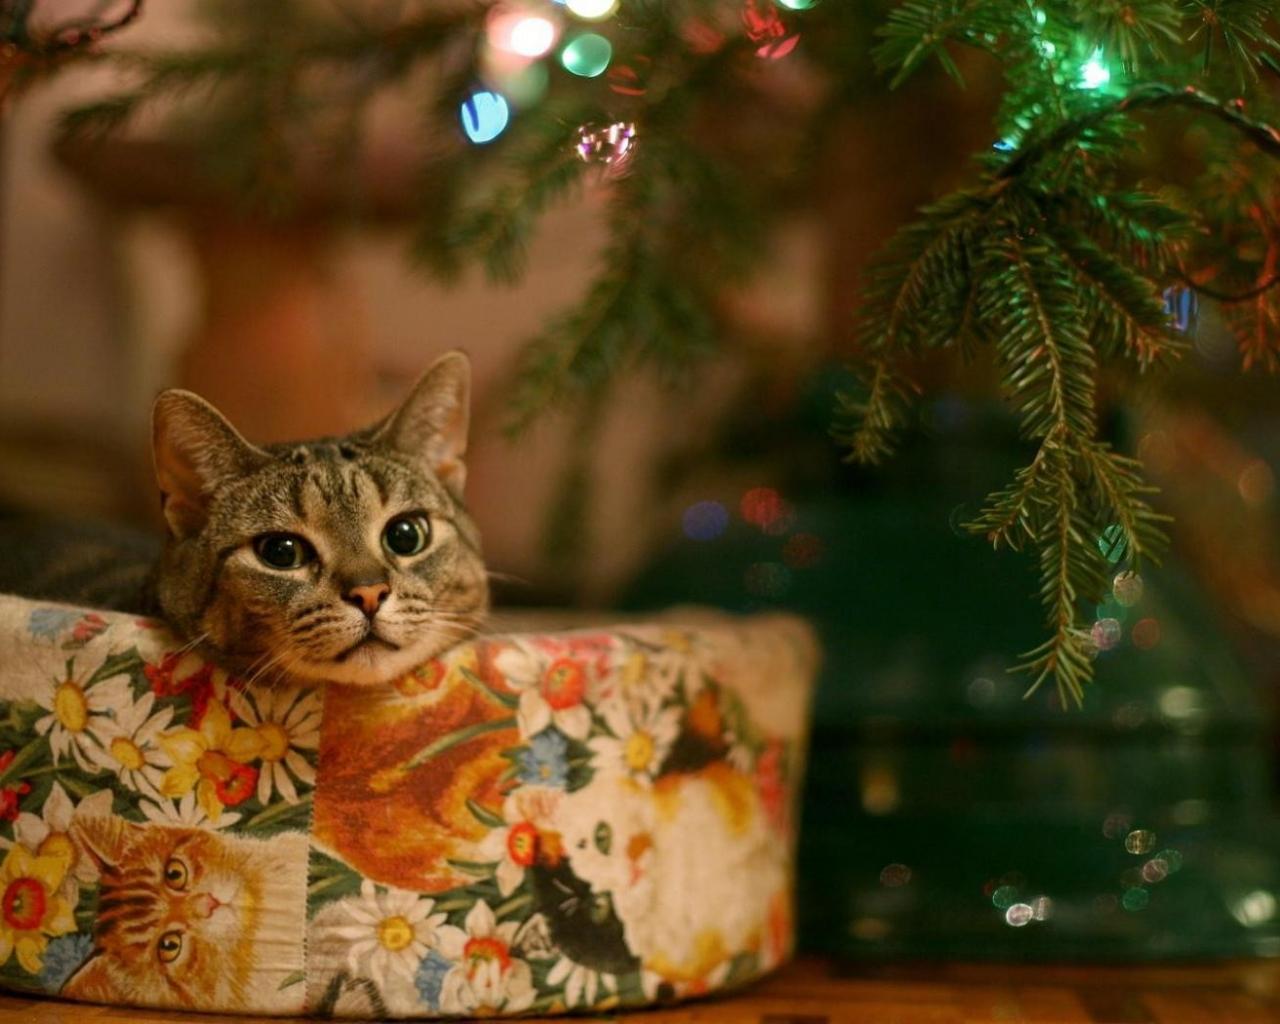 Un gato junto al arbol de navidad - 1280x1024